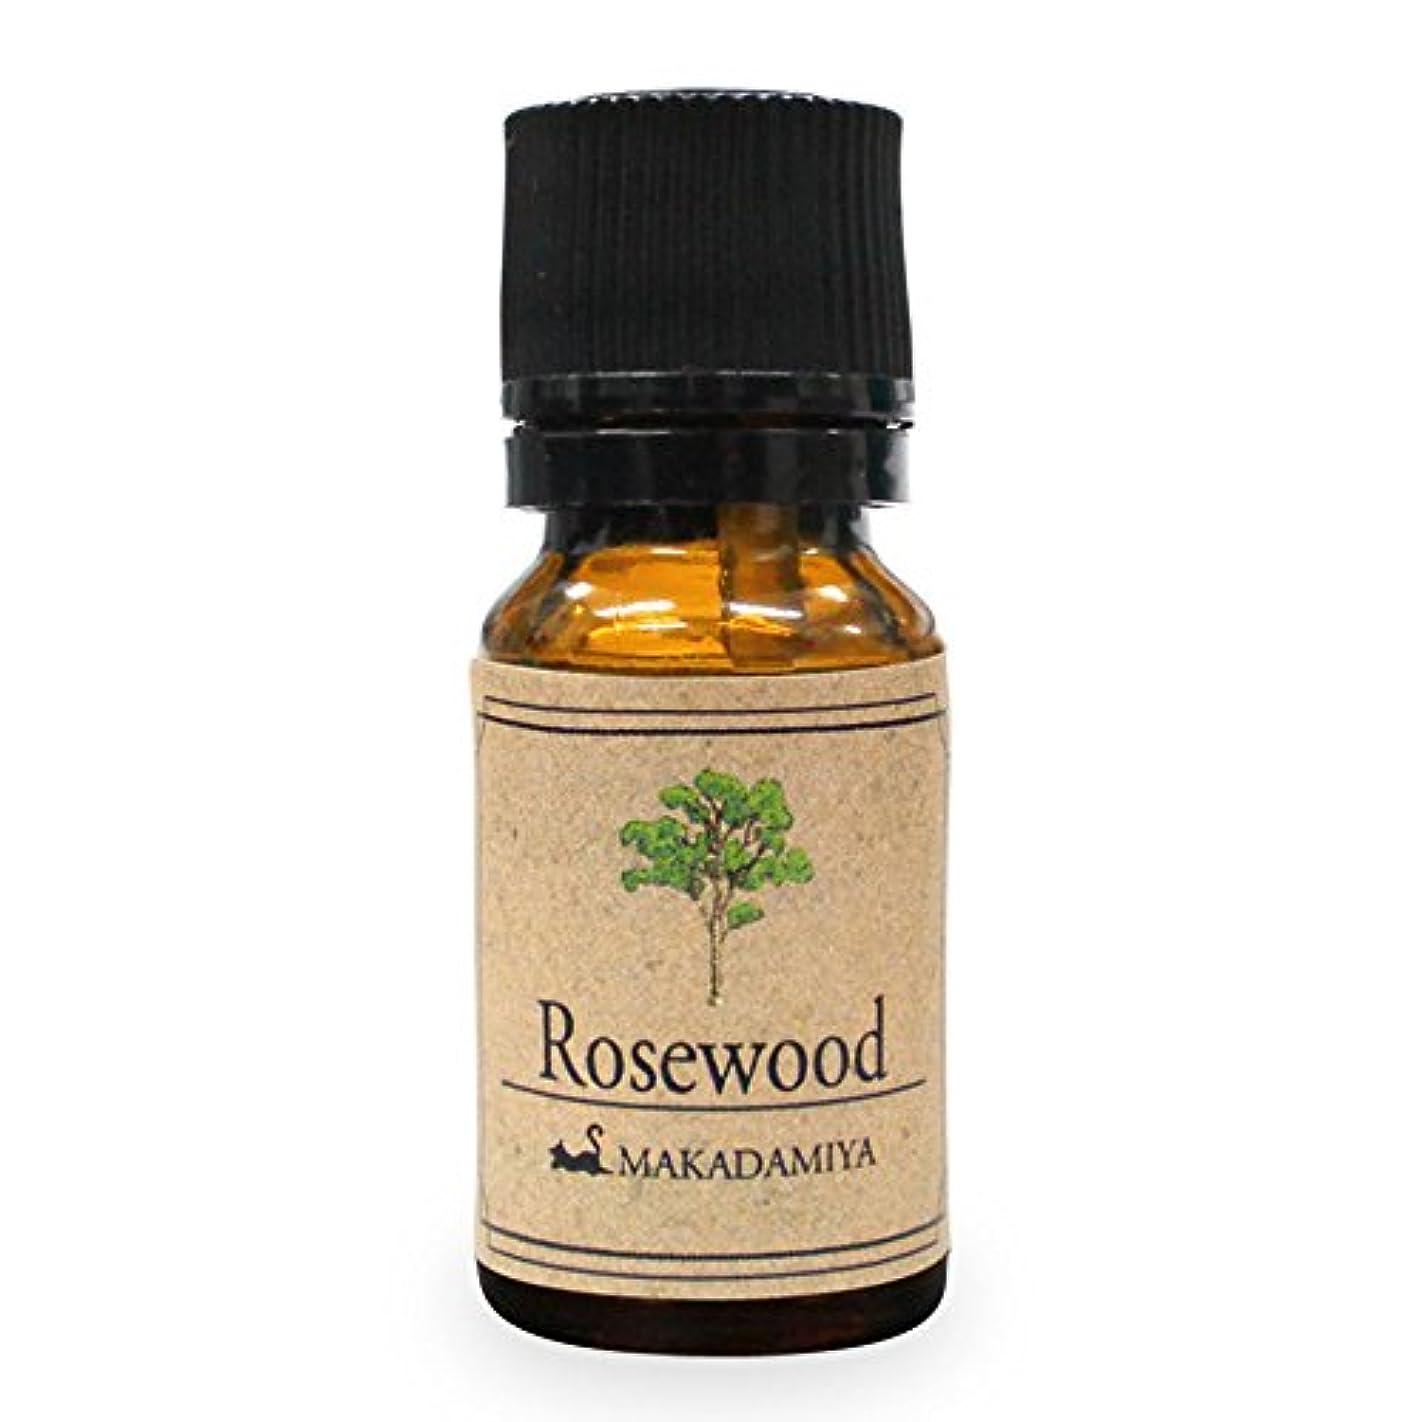 連邦はっきりと使い込むローズウッド10ml 天然100%植物性 エッセンシャルオイル(精油) アロマオイル アロママッサージ aroma Rosewood